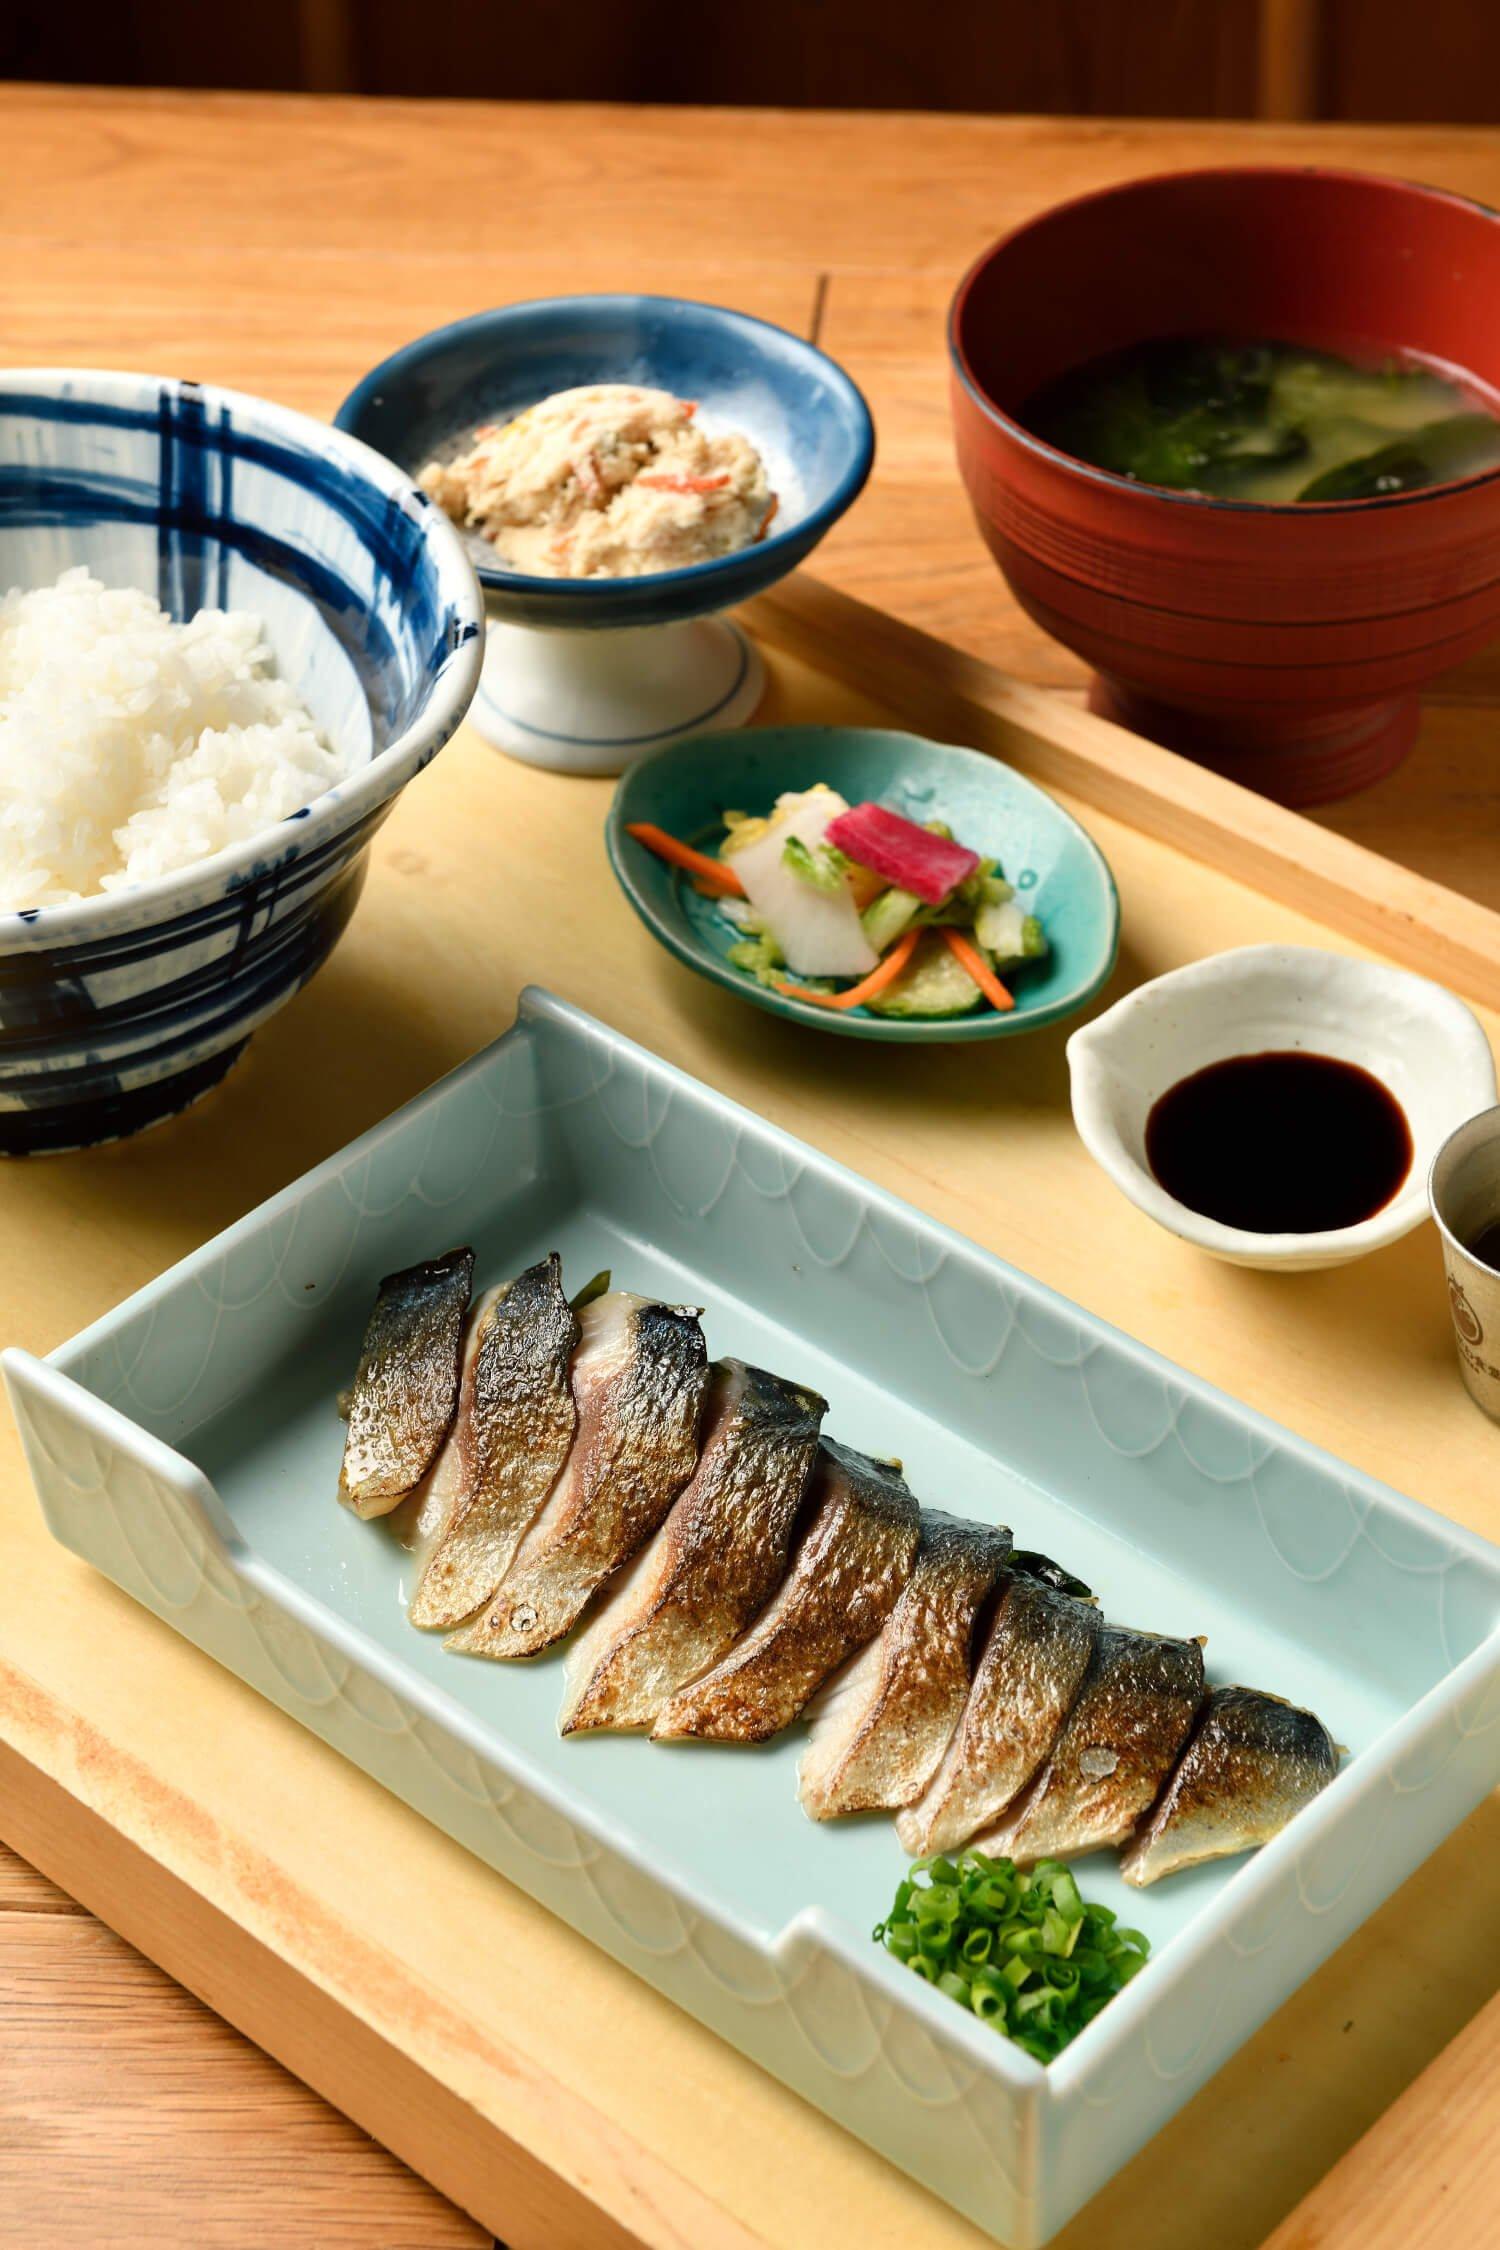 大トロ炙りさば定食980円は、生臭さがなく、ぷりぷりの食感。お米は山形産のひとめぼれなどを使用している。